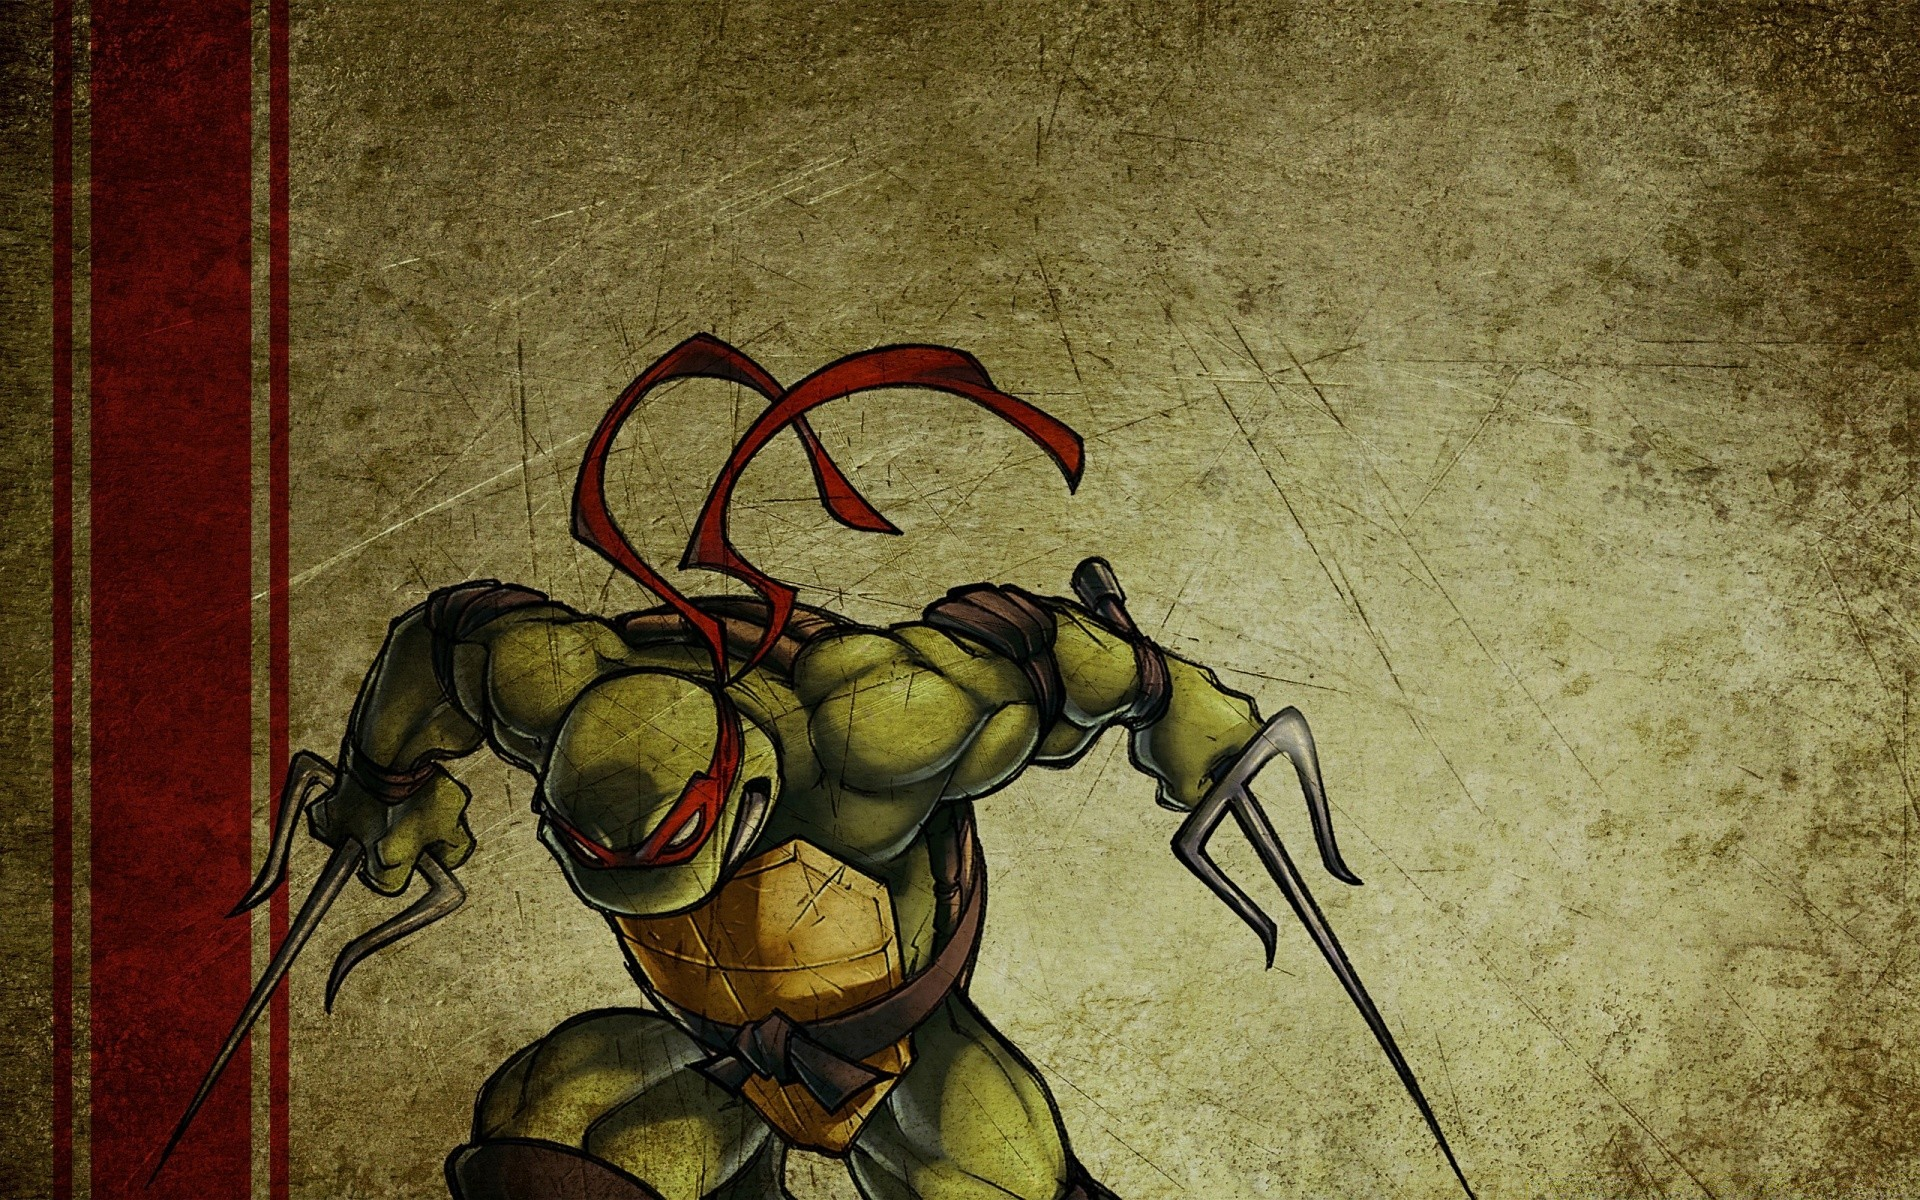 Ninja turtles raphael